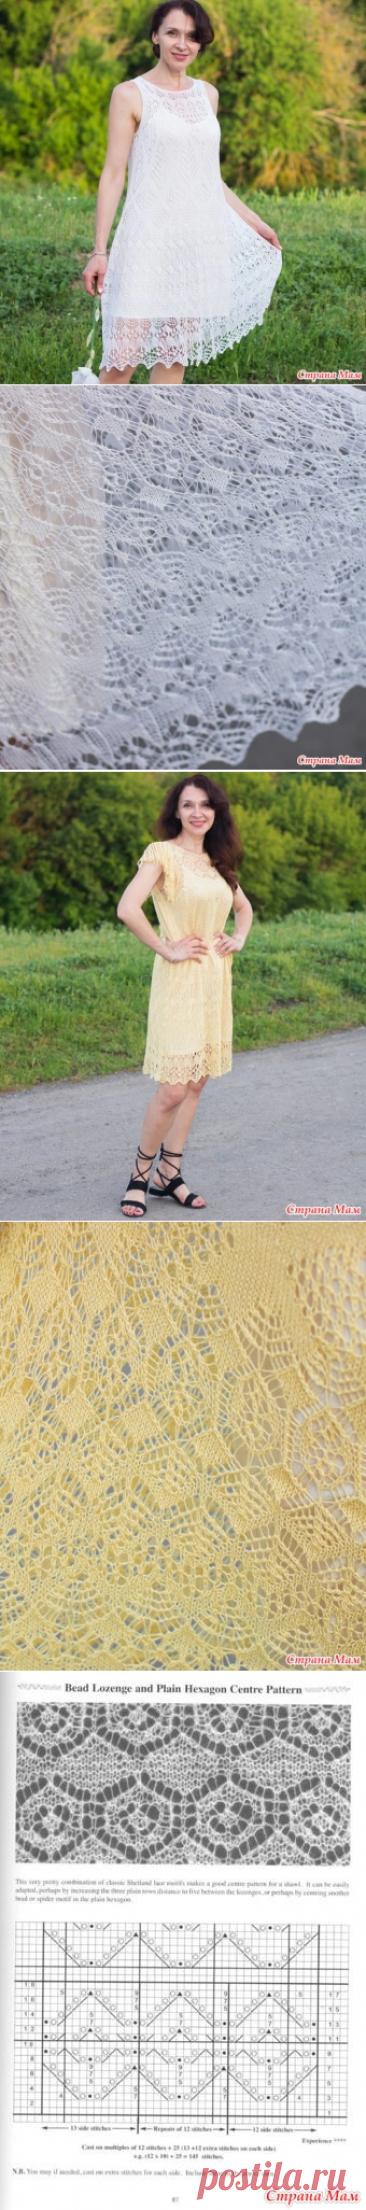 Вязаные ажурные летние платья - Вязание - Страна Мам